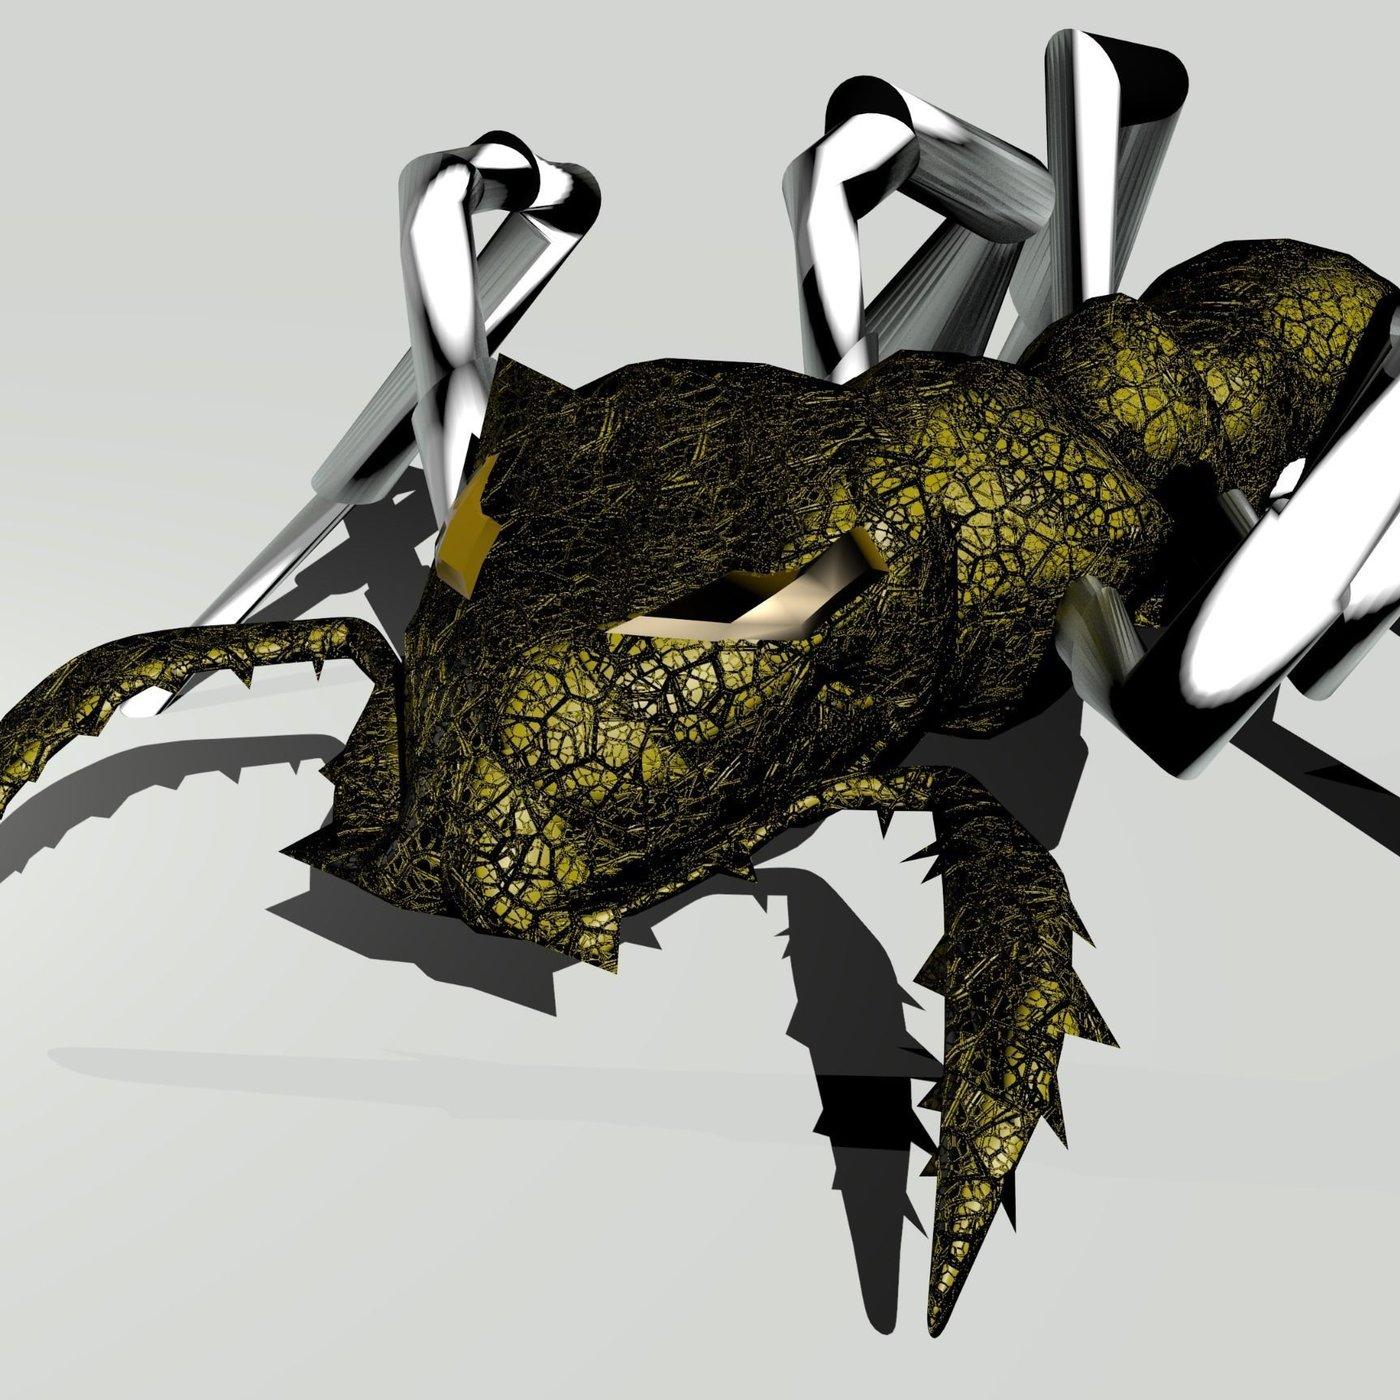 robot ant